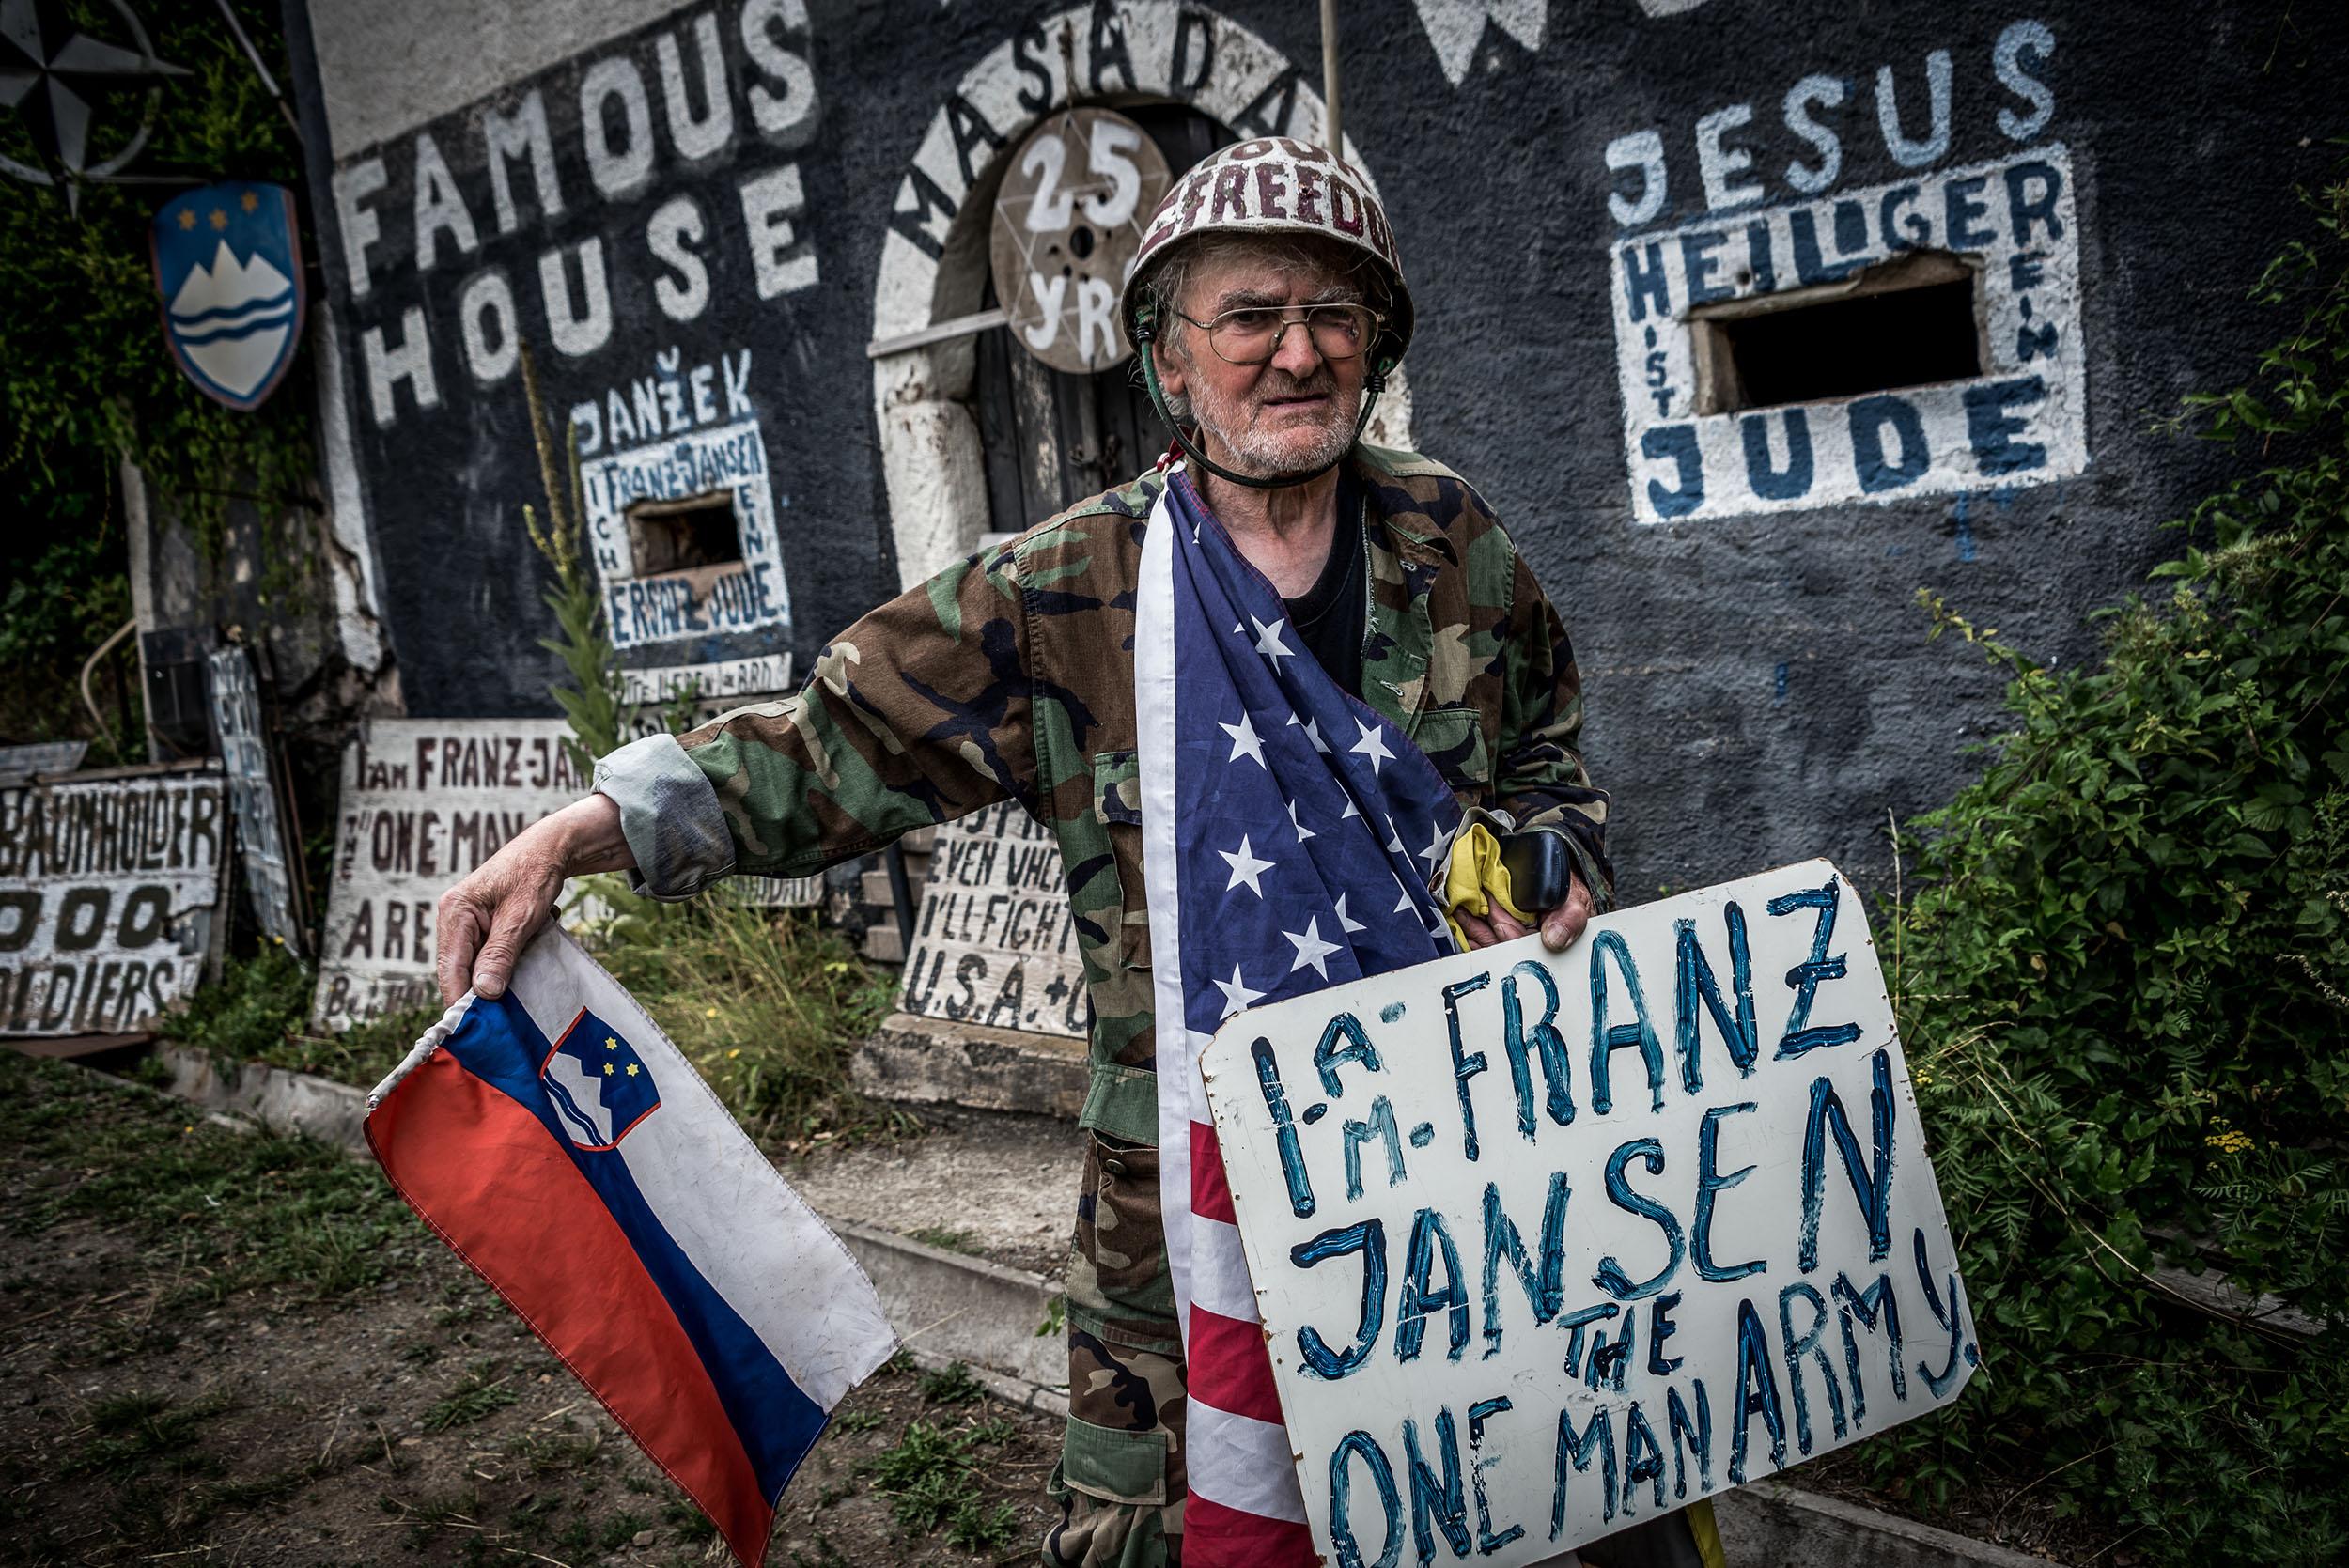 Am Straßenrand: Zwischen seinen Schildern demonstriert Franz - als selbsternannte Ein-Mann-Arme für Frieden. Und manchmal winkt er den Vorbeifahrenden zu.